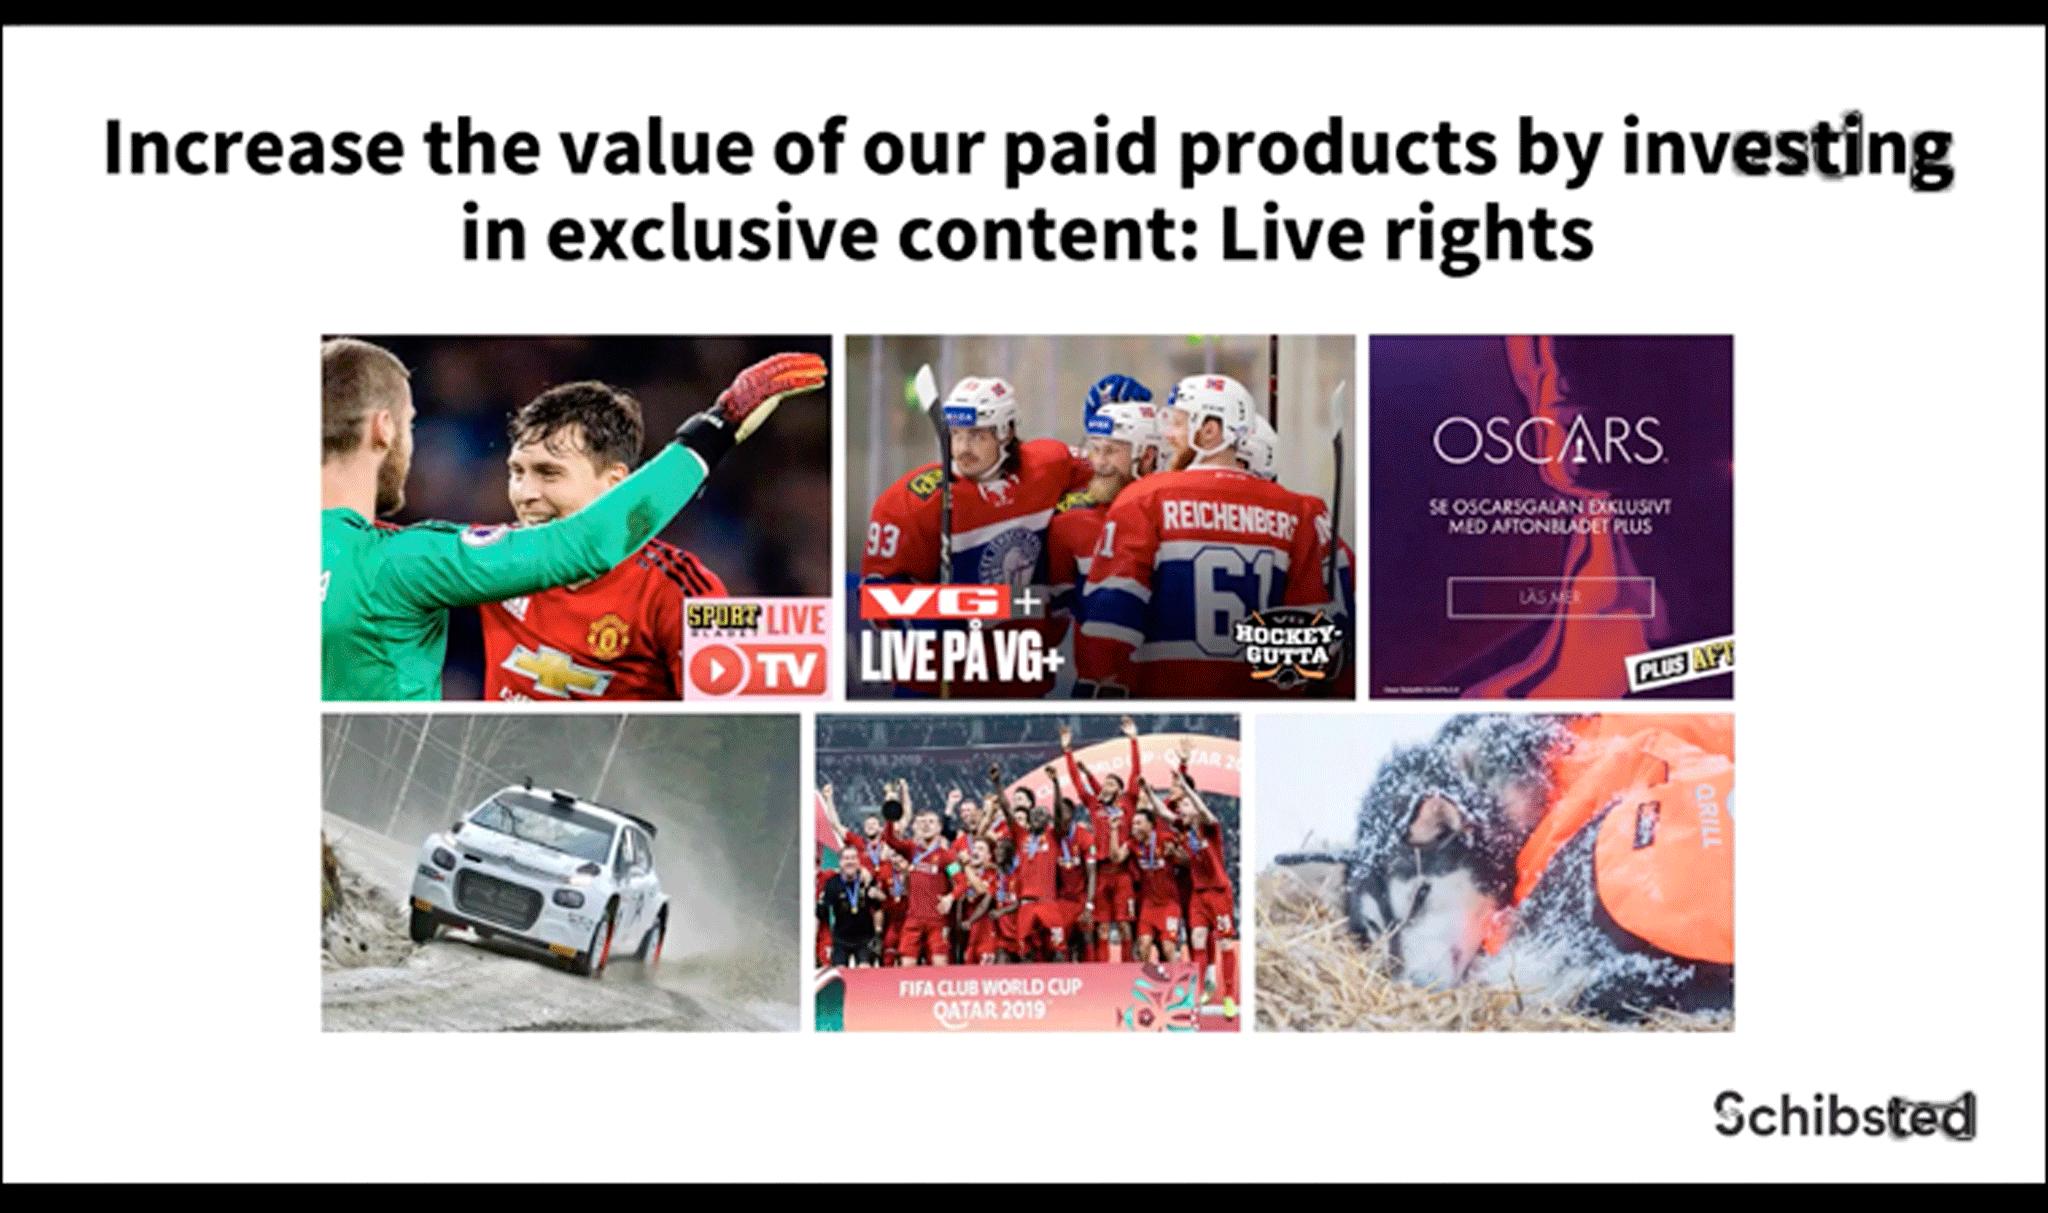 Schibsted увеличивает стоимость своих продуктов за счет эксклюзивного контента